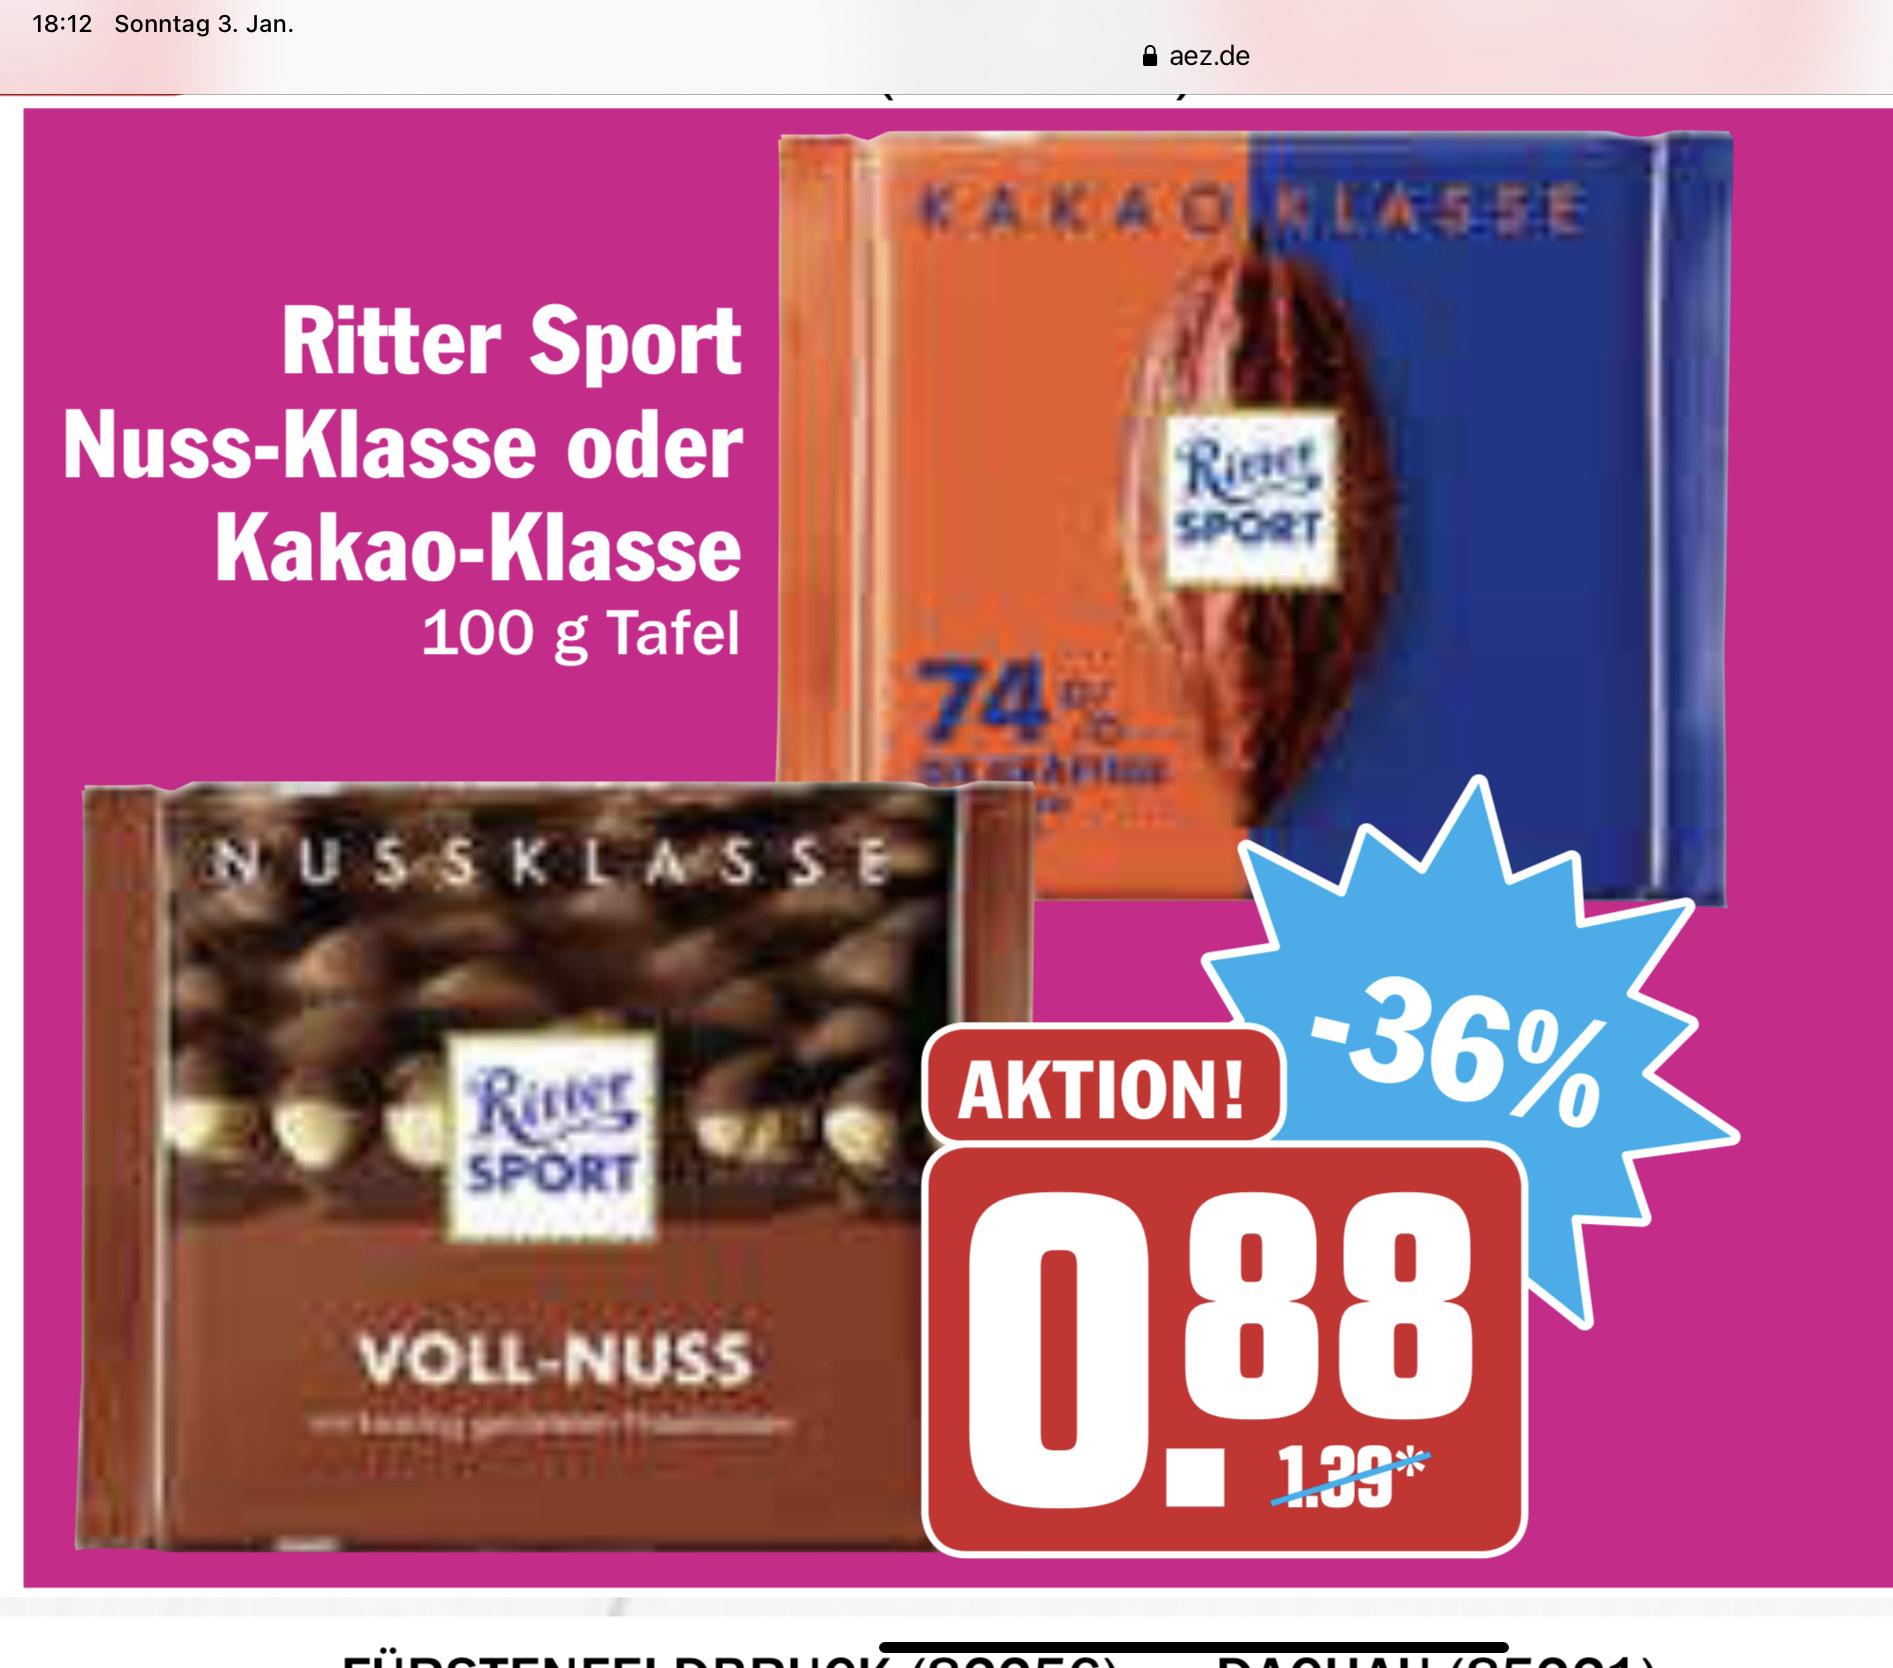 Ritter Sport Nussklasse und Kakaoklasse AEZ Region München 0,88€